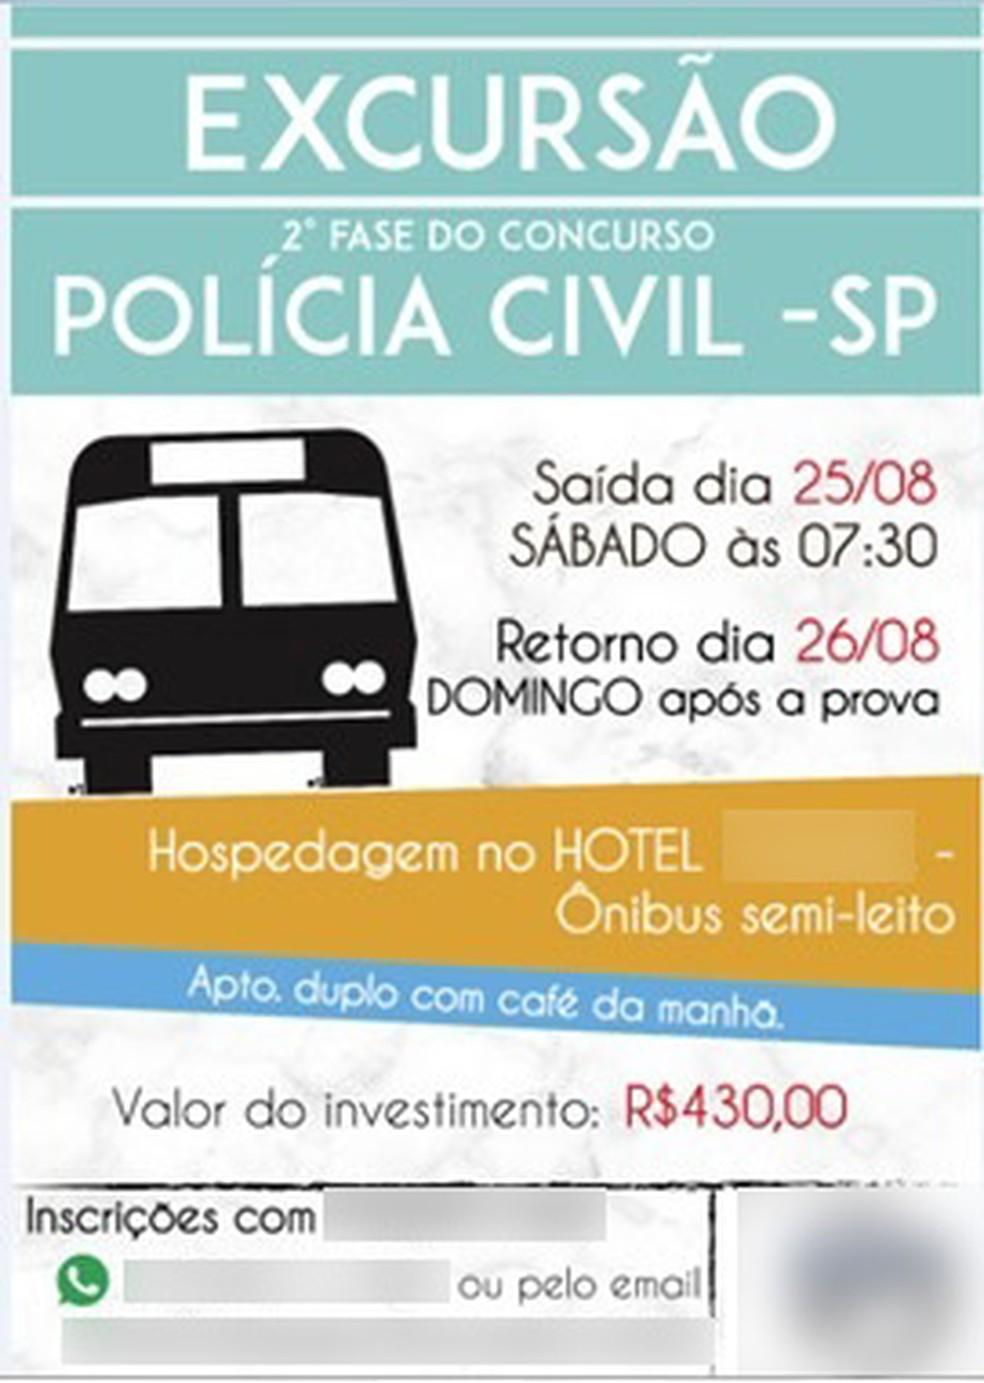 Empresa de ônibus teria oferecido transporte na data da prova antes que a Polícia Civil divulgasse o dia do exame. — Foto: Divulgação